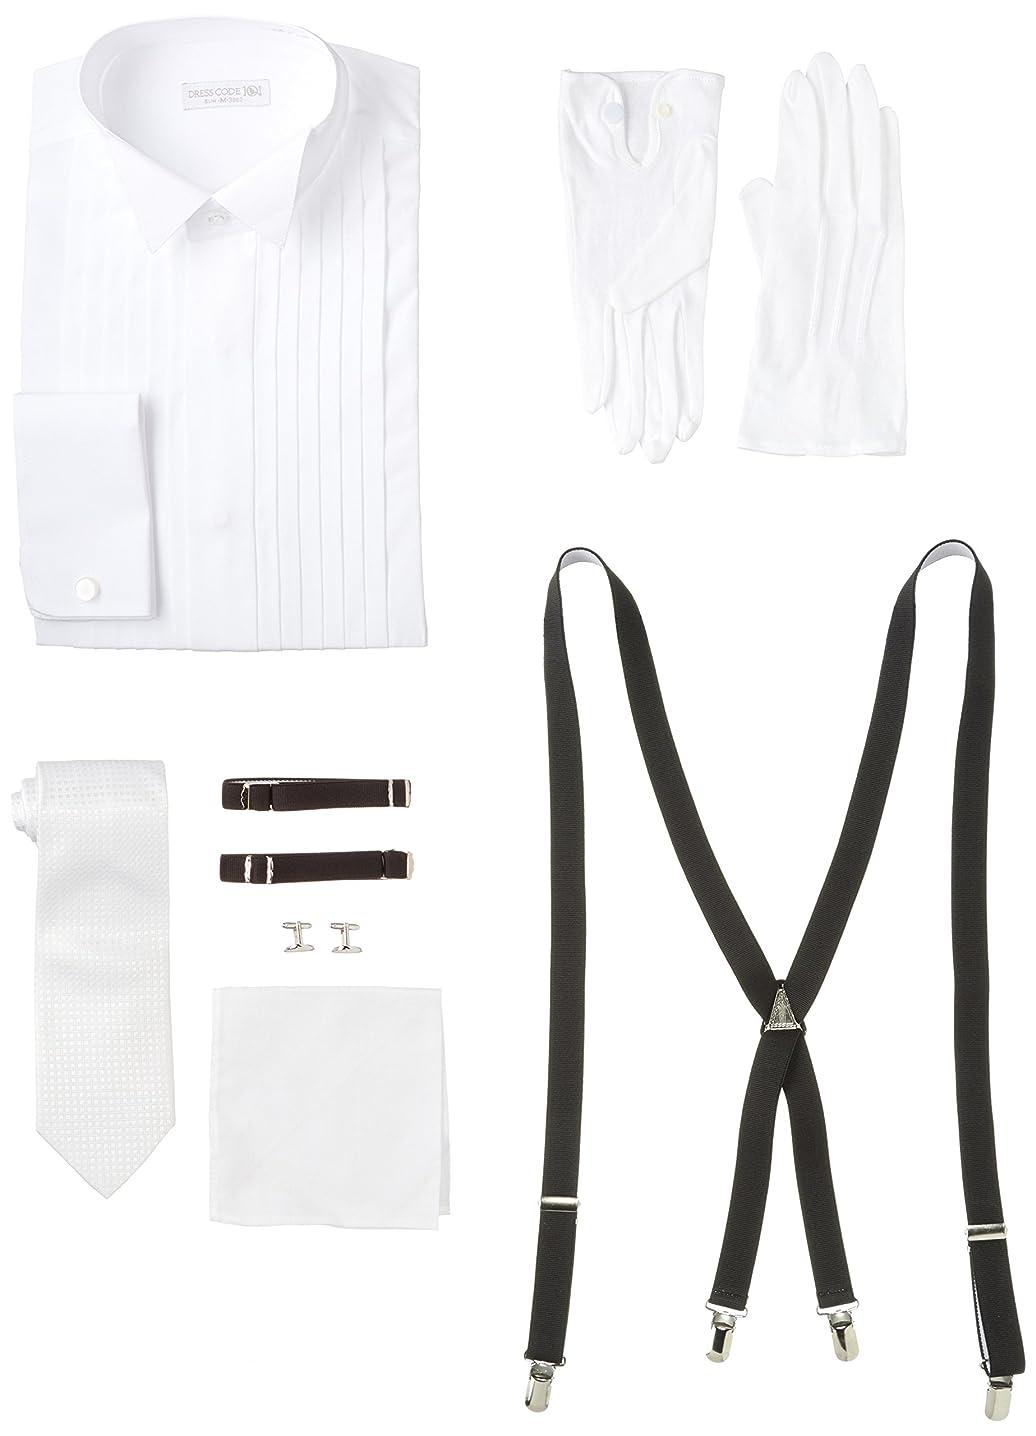 一般化する巨人タップ[ドレスコード101] [ウイングカラー] コスパ最強フォーマル7点セット ウィングカラーシャツ ダブルカフス BRIDAL-WH-6SETS メンズ